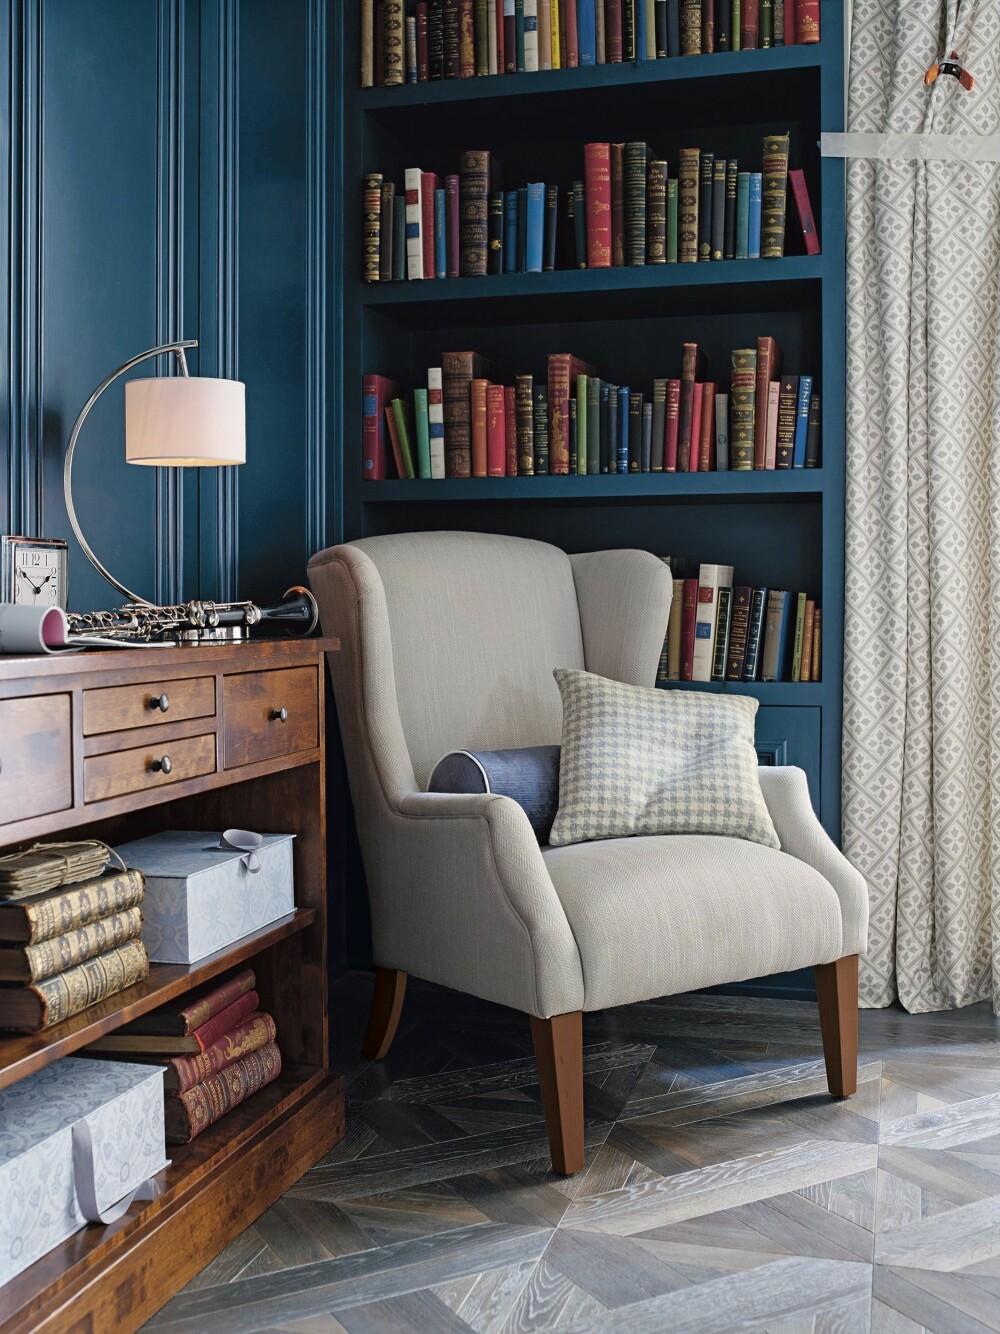 LESEKROKEN: Et bibliotek med vegger av bøker fra gulv til tak er typisk for den britiske herregårdsstilen.